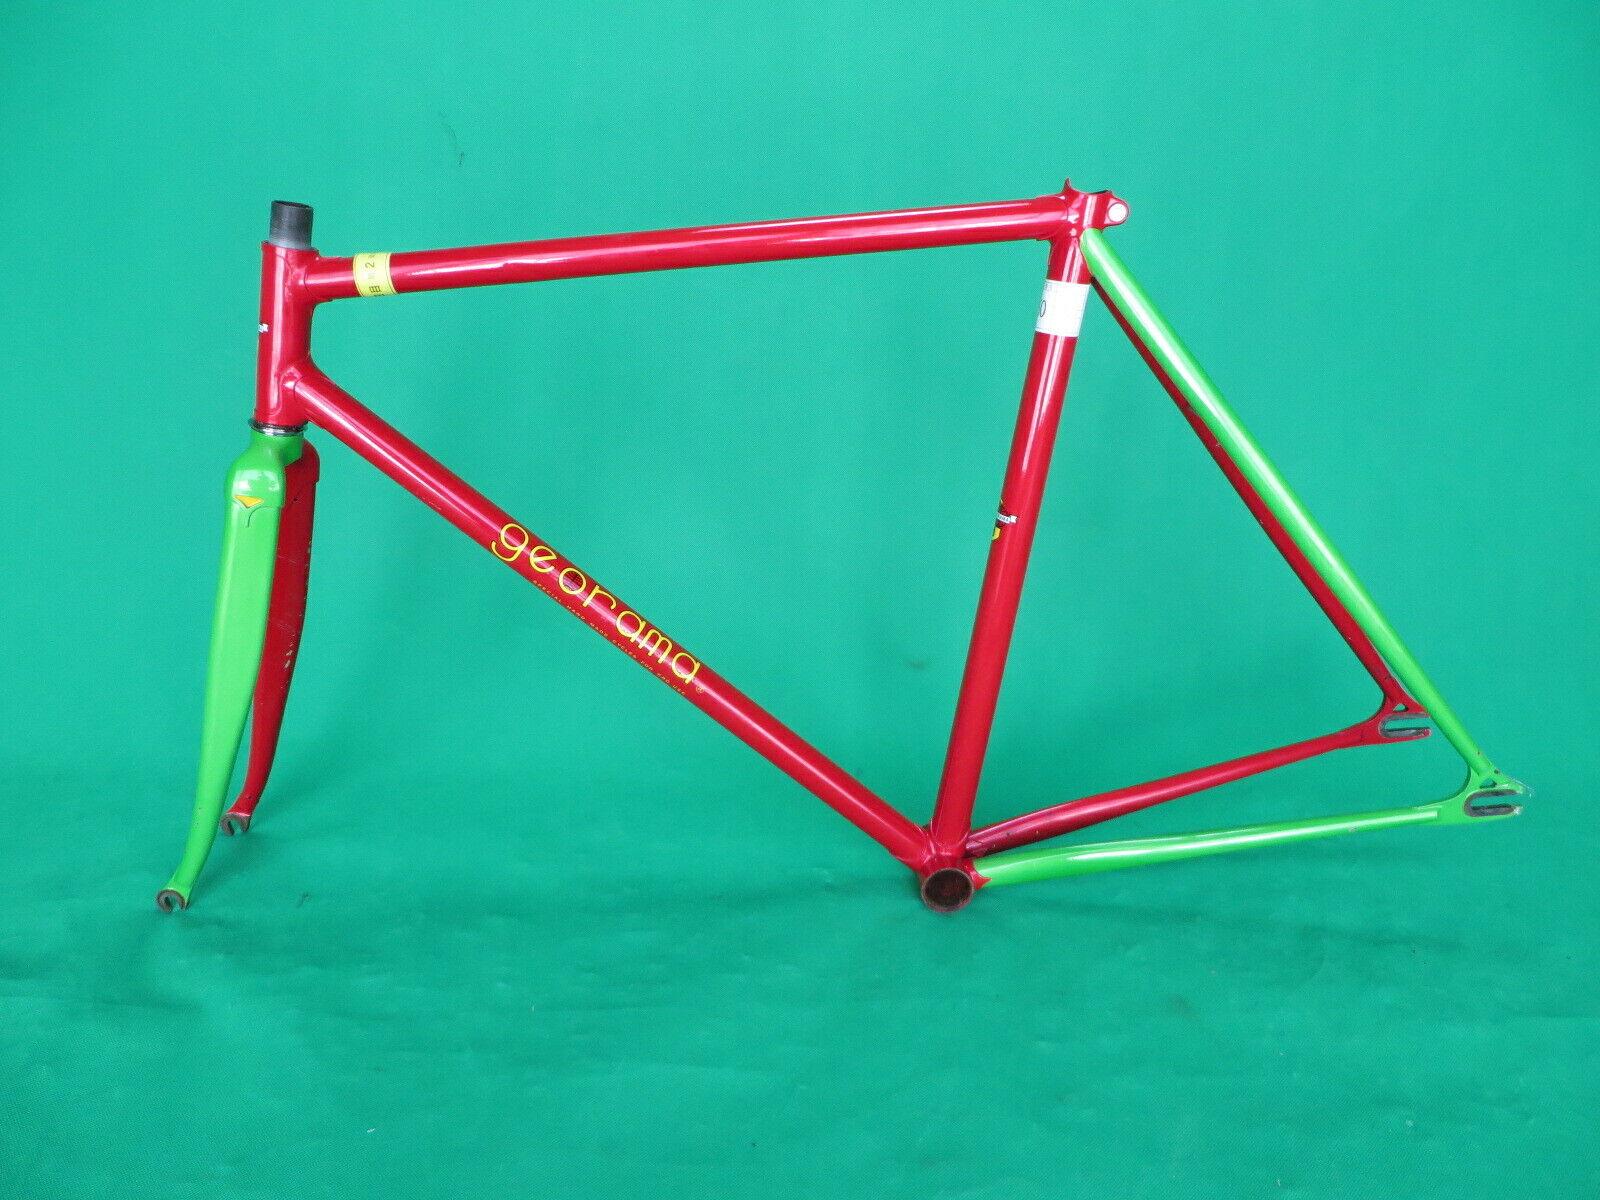 Georama NJS Keirin Frame Conjunto de pista de bicicleta de una sola velocidad Columbus Max Horquilla 51cm